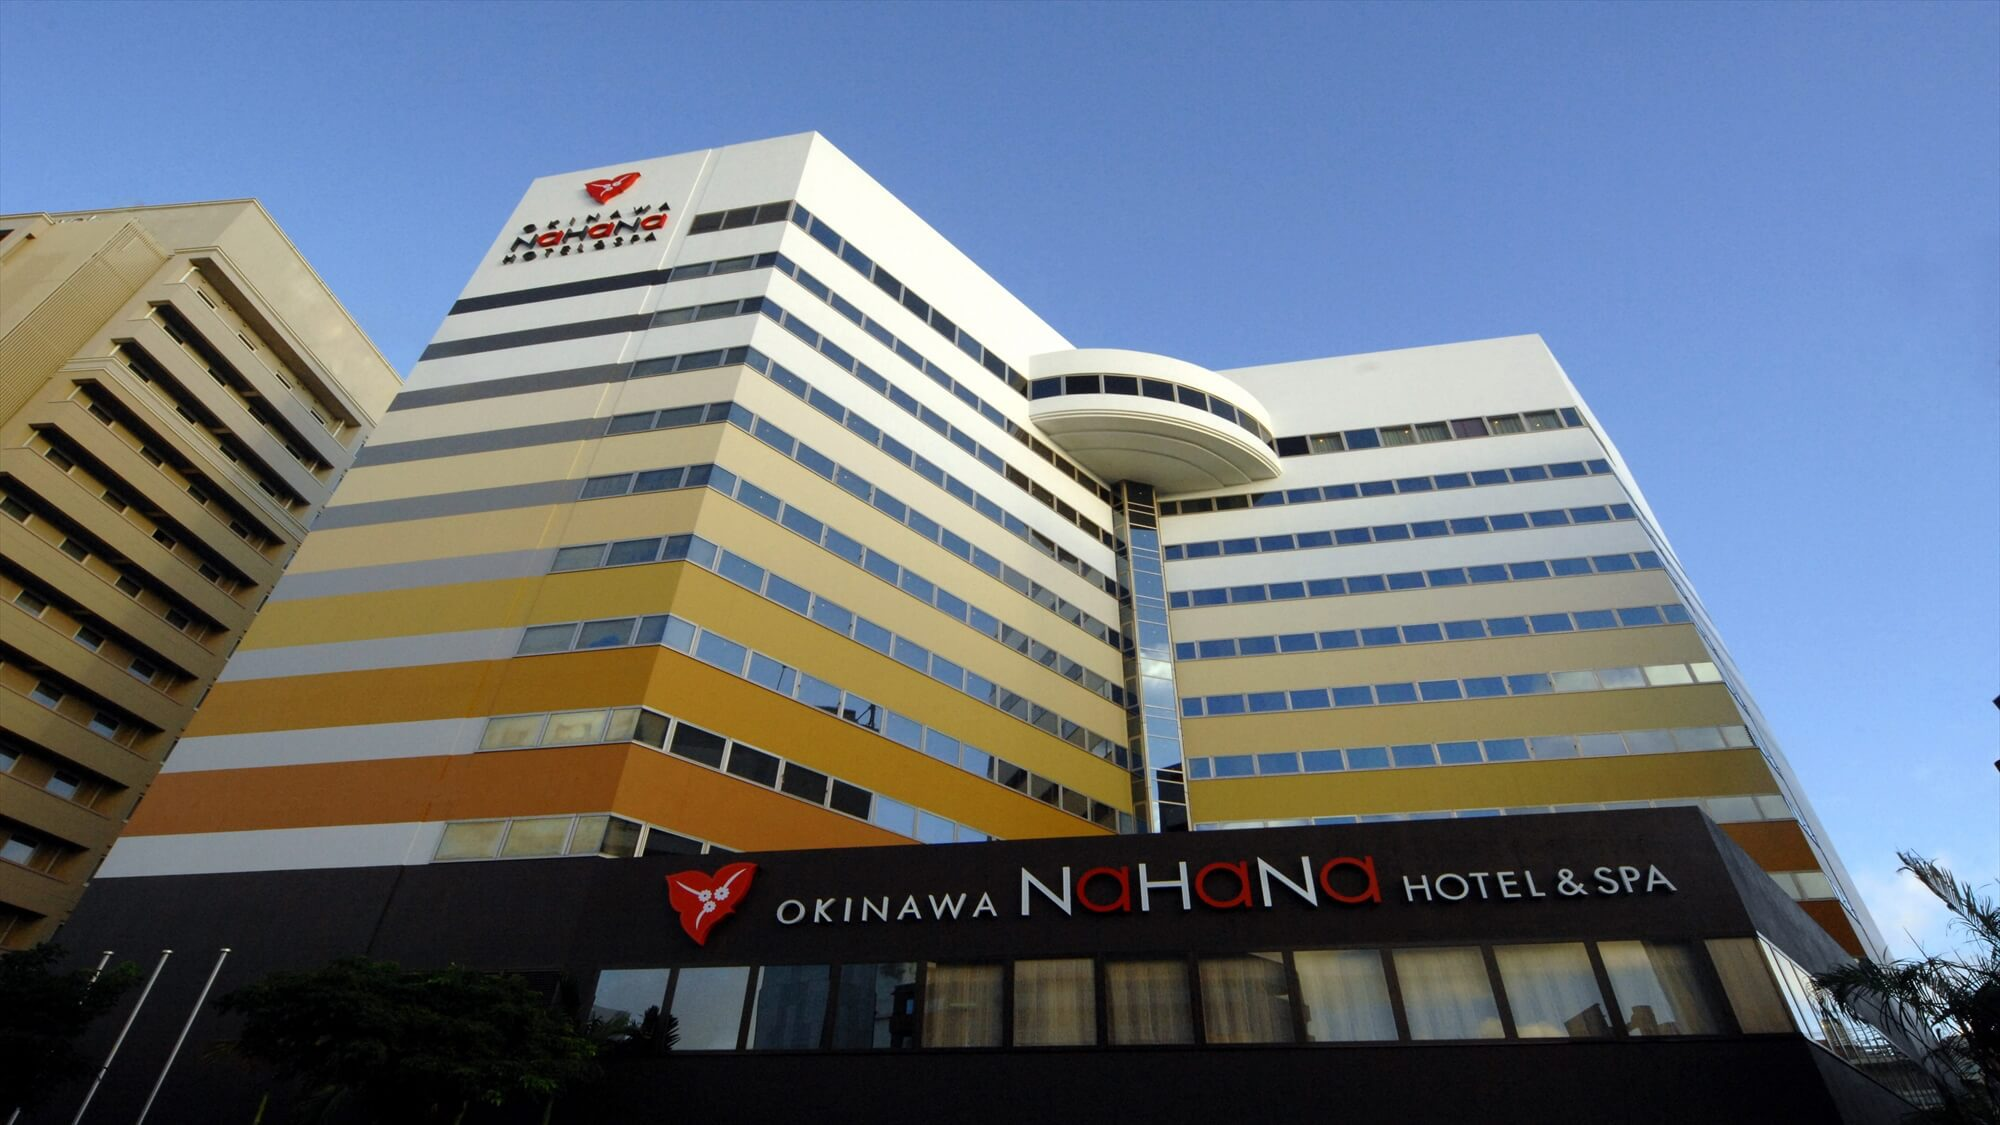 沖縄ナハナ・ホテル&スパ...